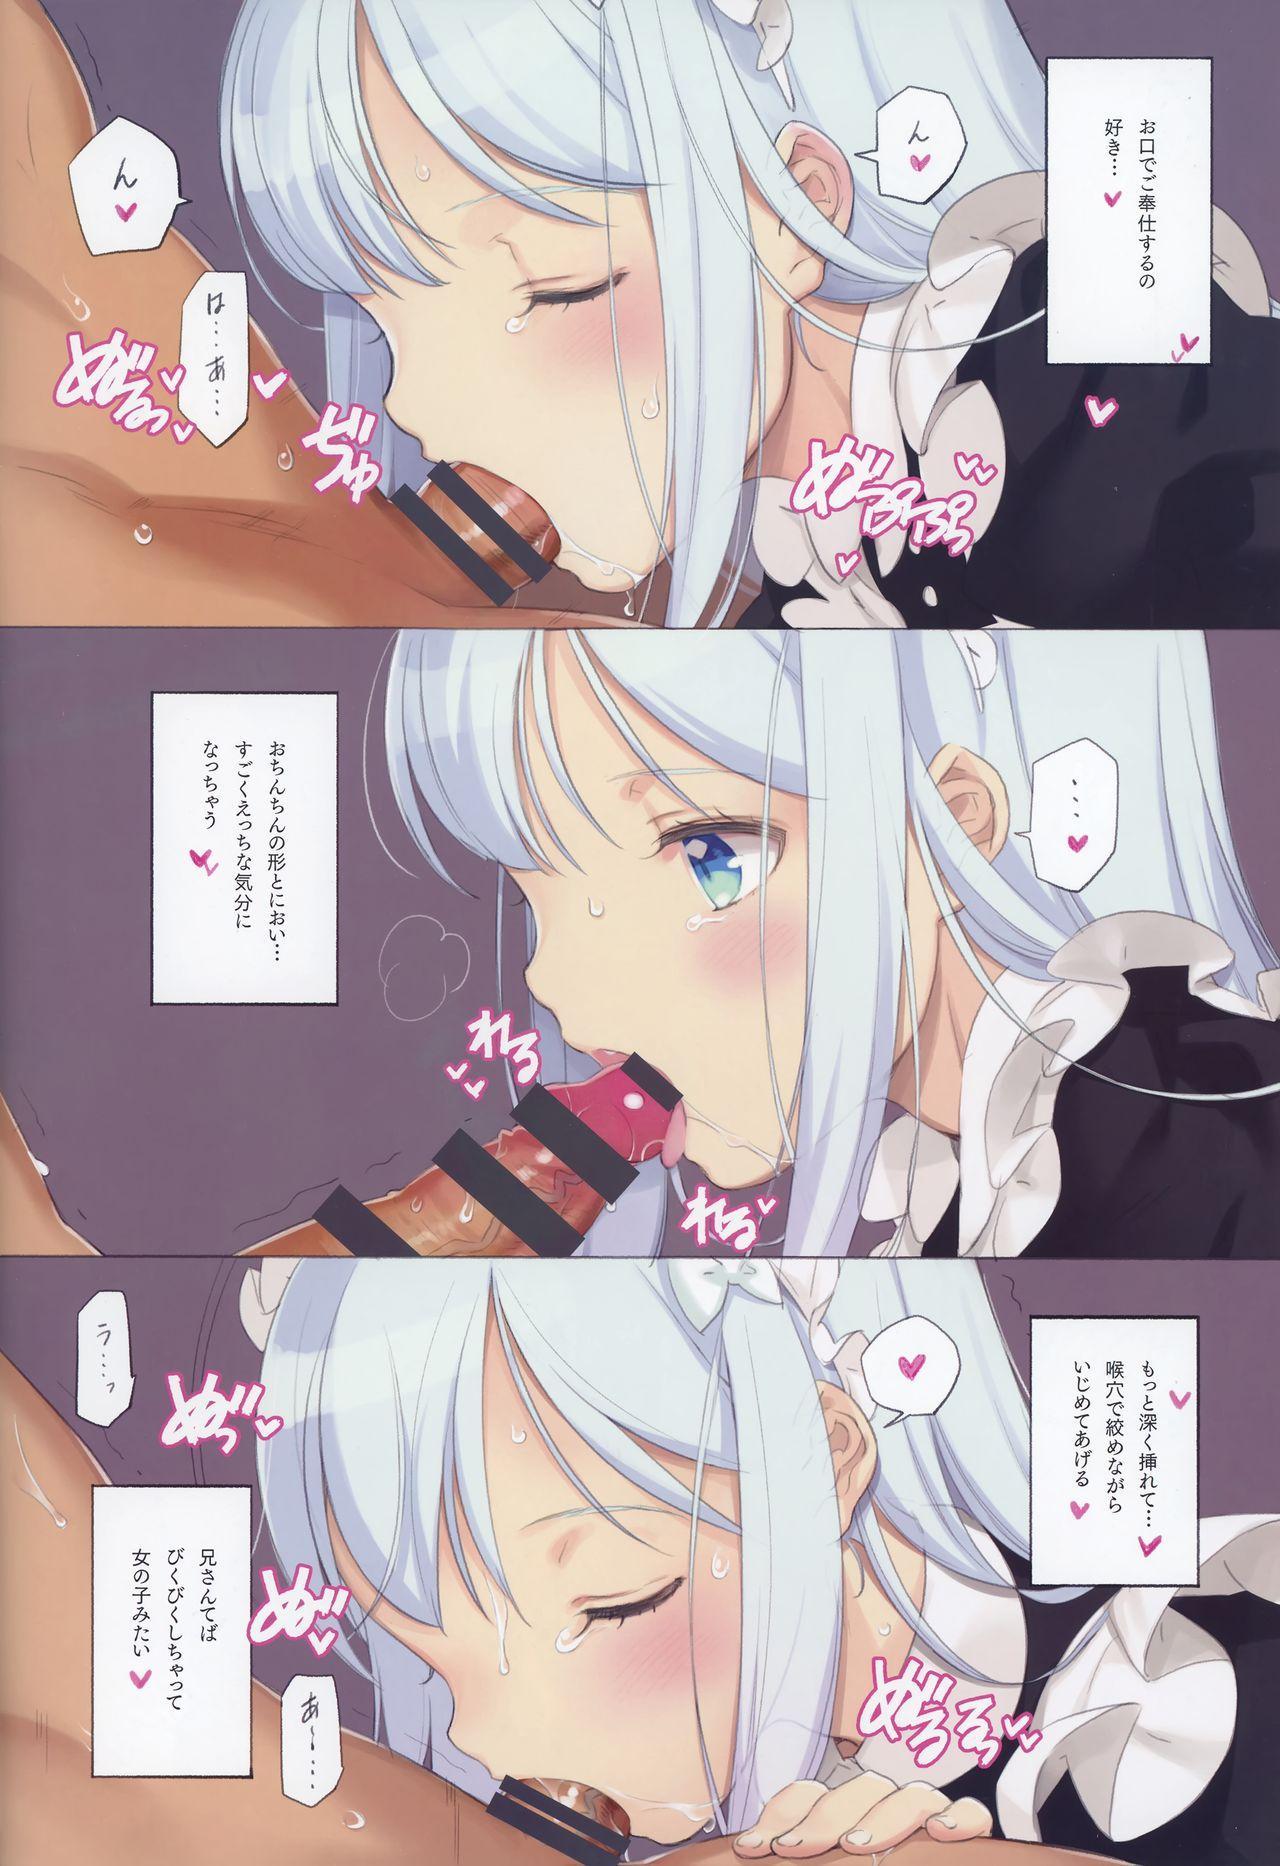 Mitsugetsu no Osanazuma - Honeymoon with little wives 13